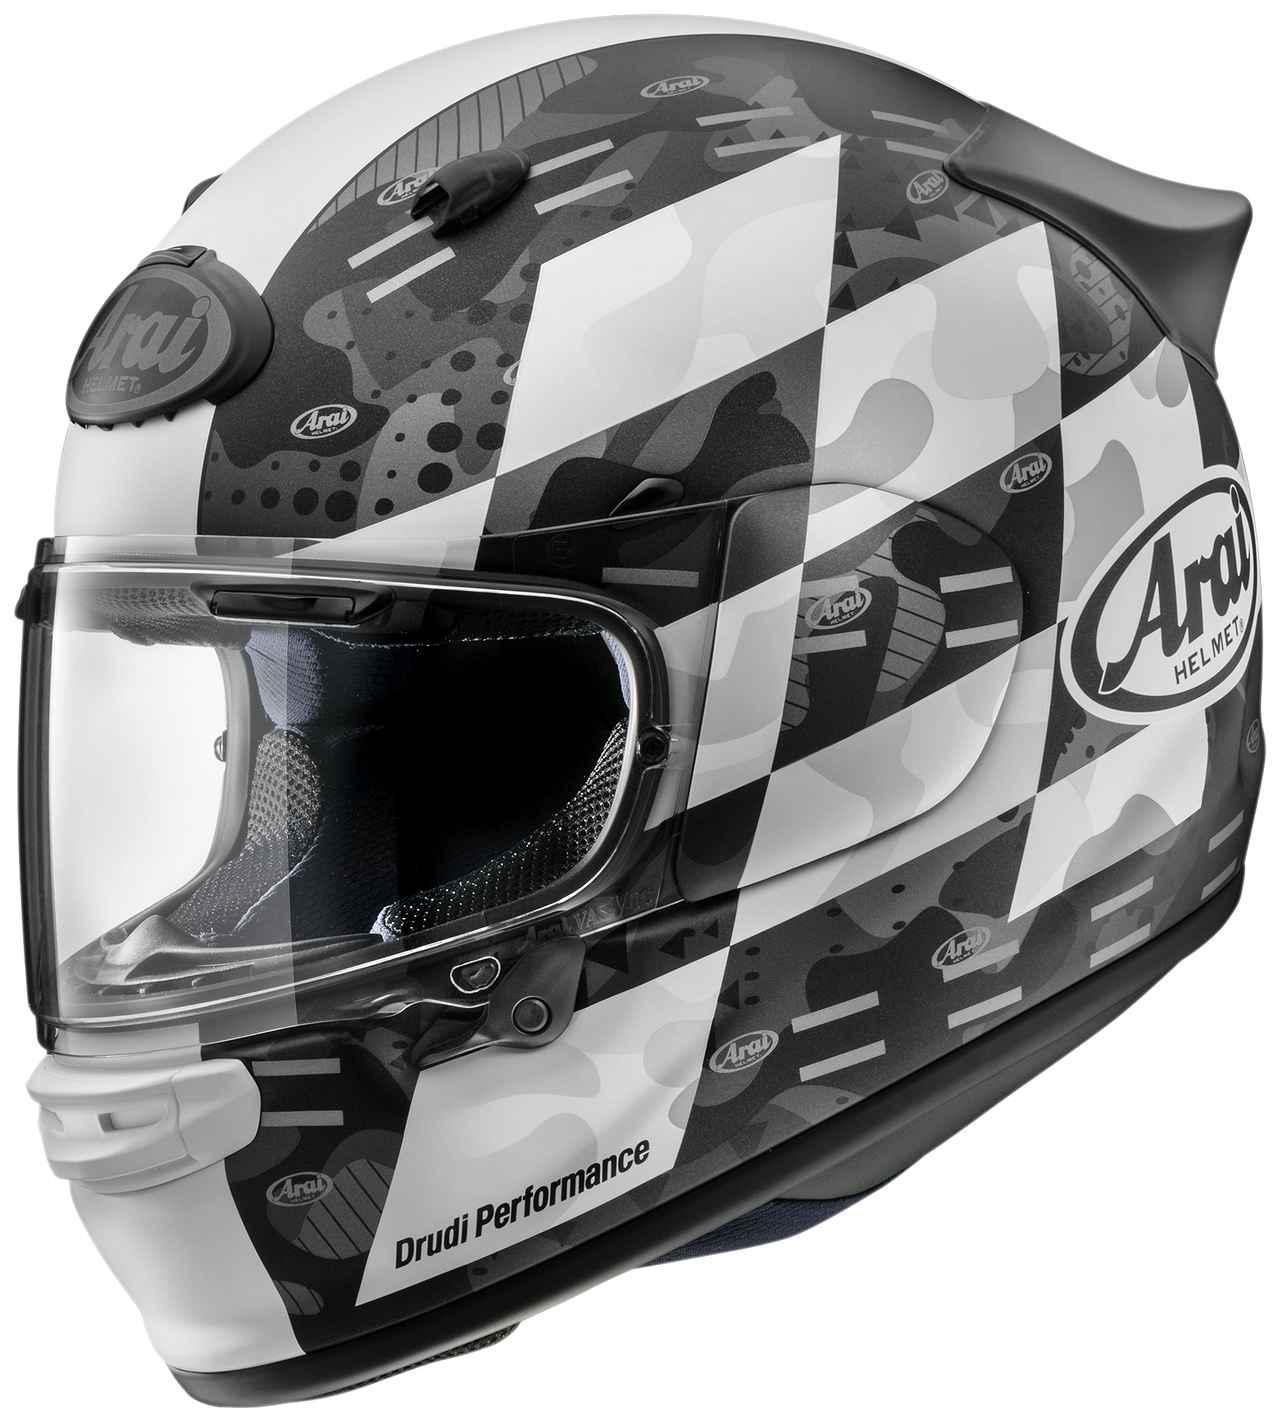 画像5: アライの最新ヘルメット・アストロGXに新たなグラフィックモデル「チェッカー」が登場! カラーは3色の設定